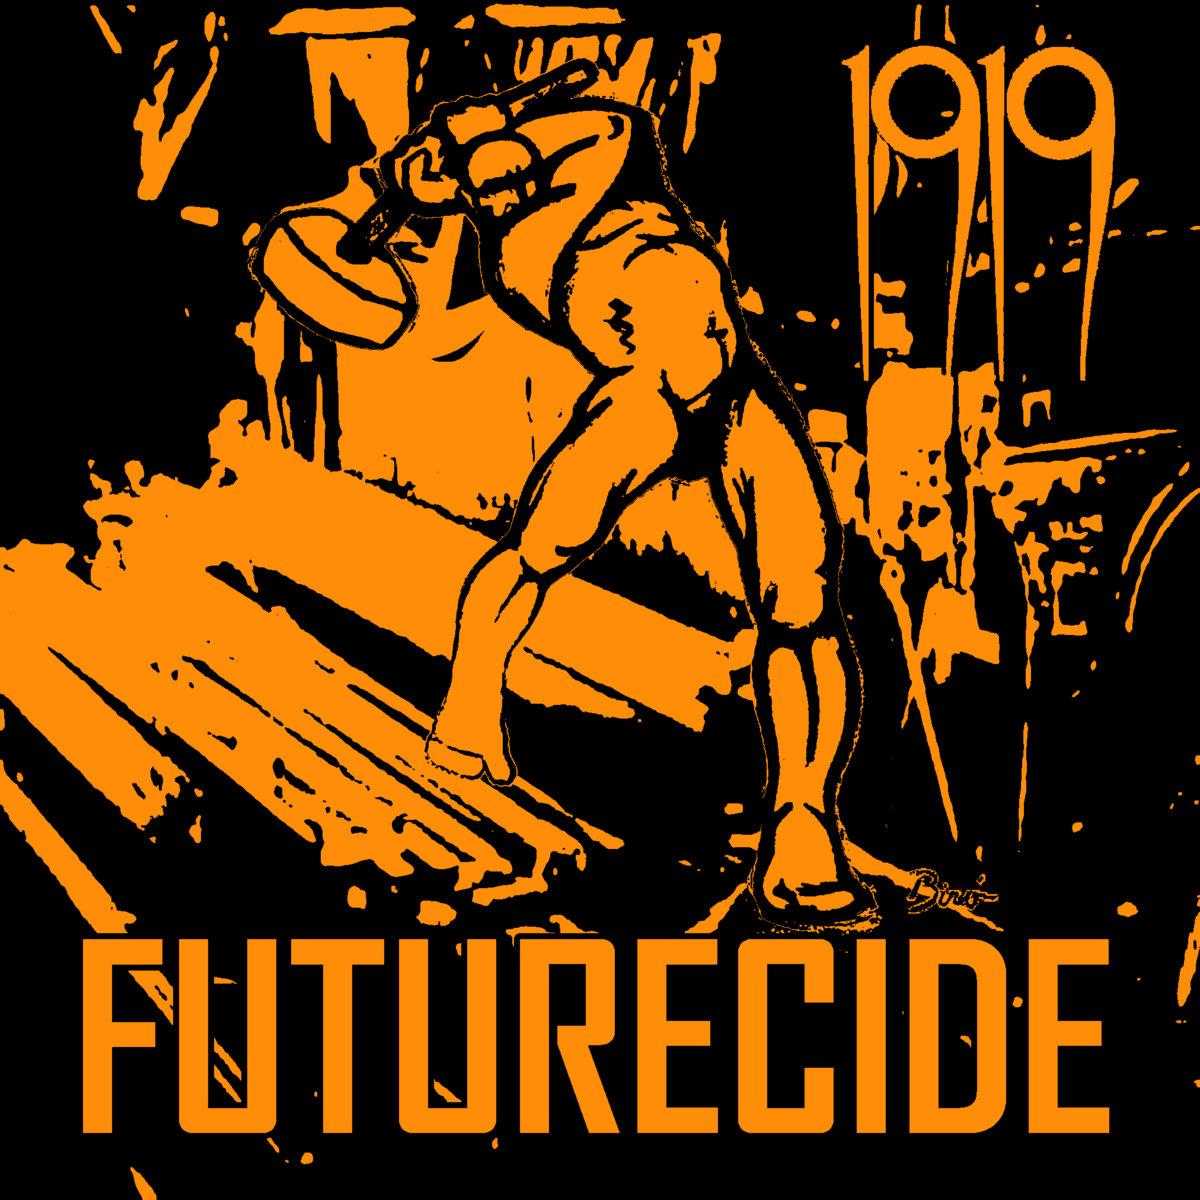 """1919, """"Futurecide"""""""